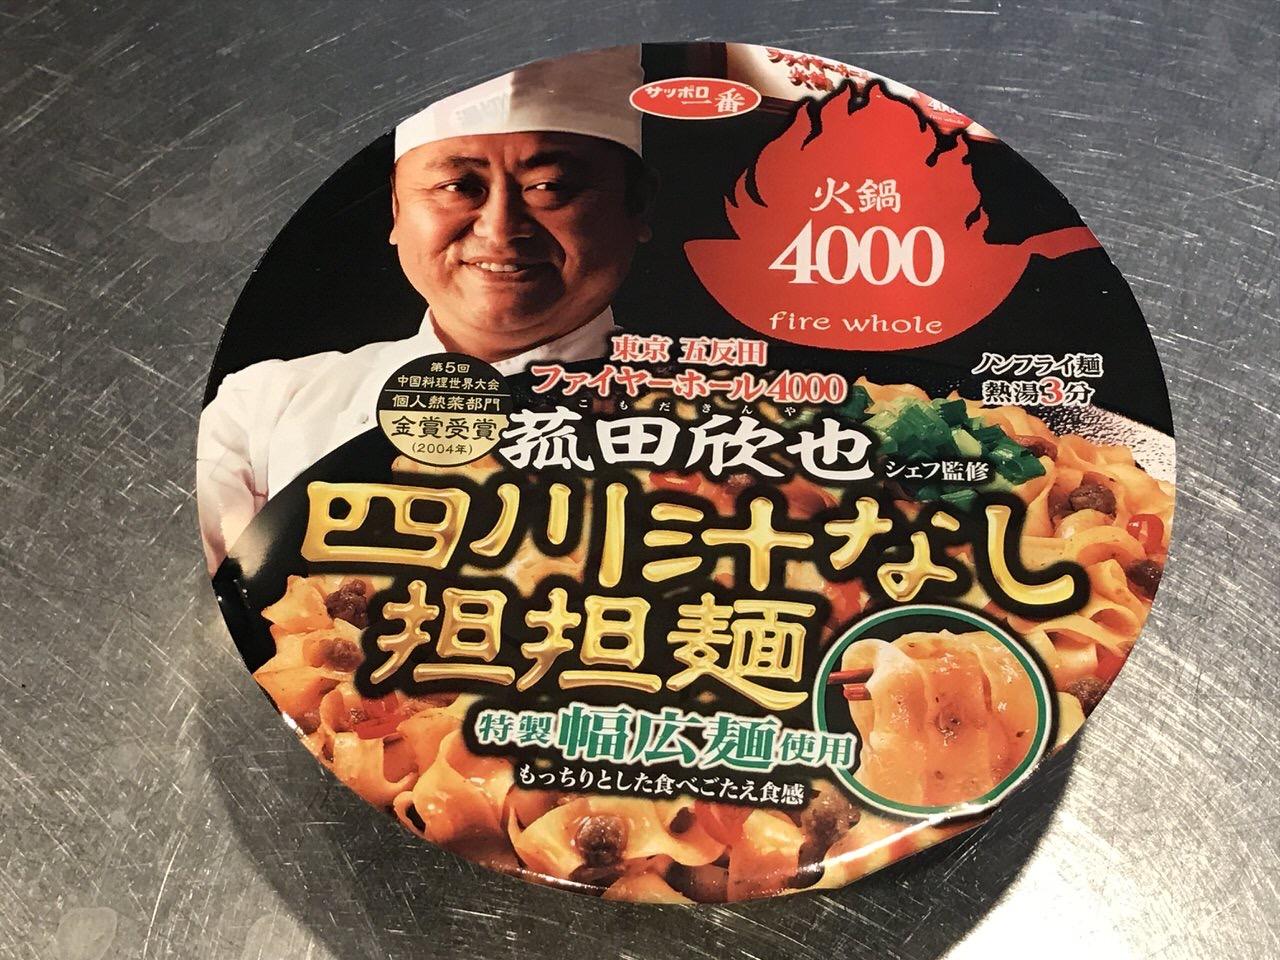 ファイヤーホール4000 菰田欣也シェフ監修 四川汁なし担担麺 01